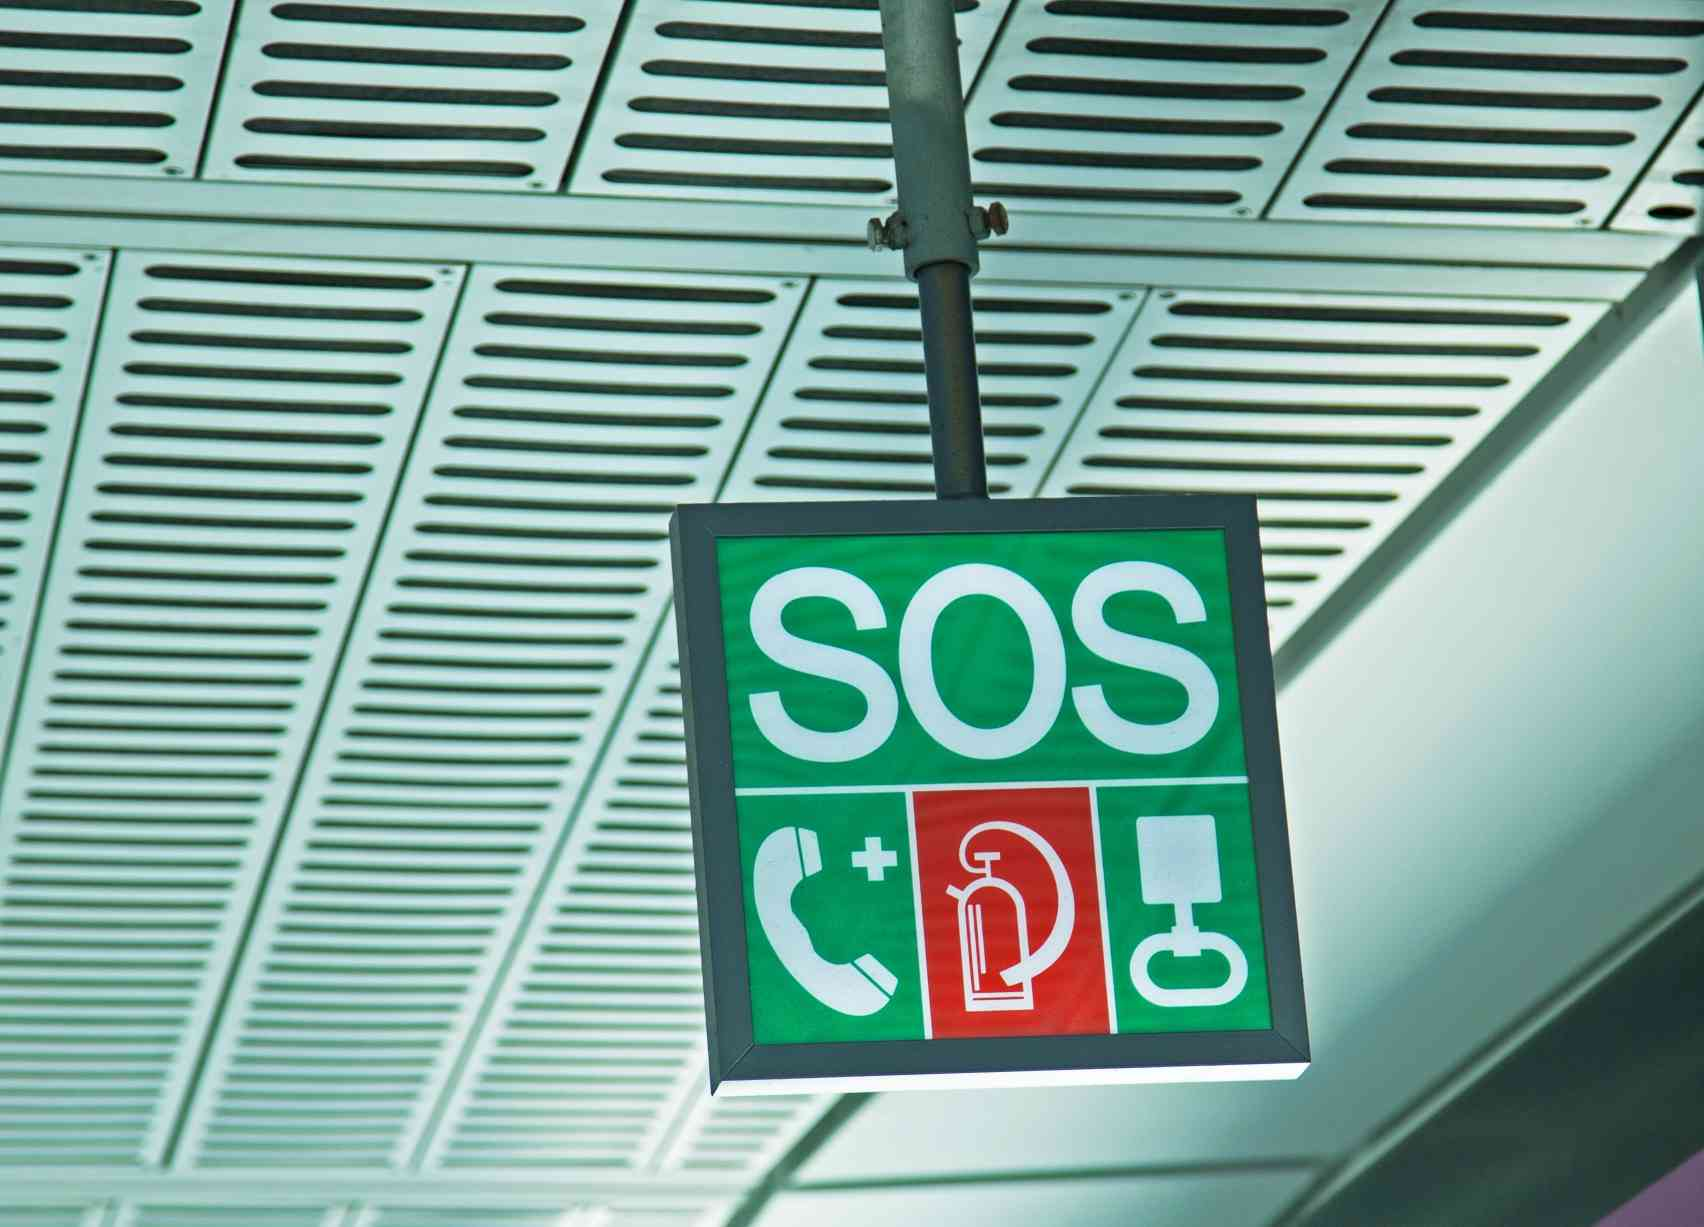 Der SOS-Würfel zeigt, wo sich die Sicherheitseinrichtungen befinden.